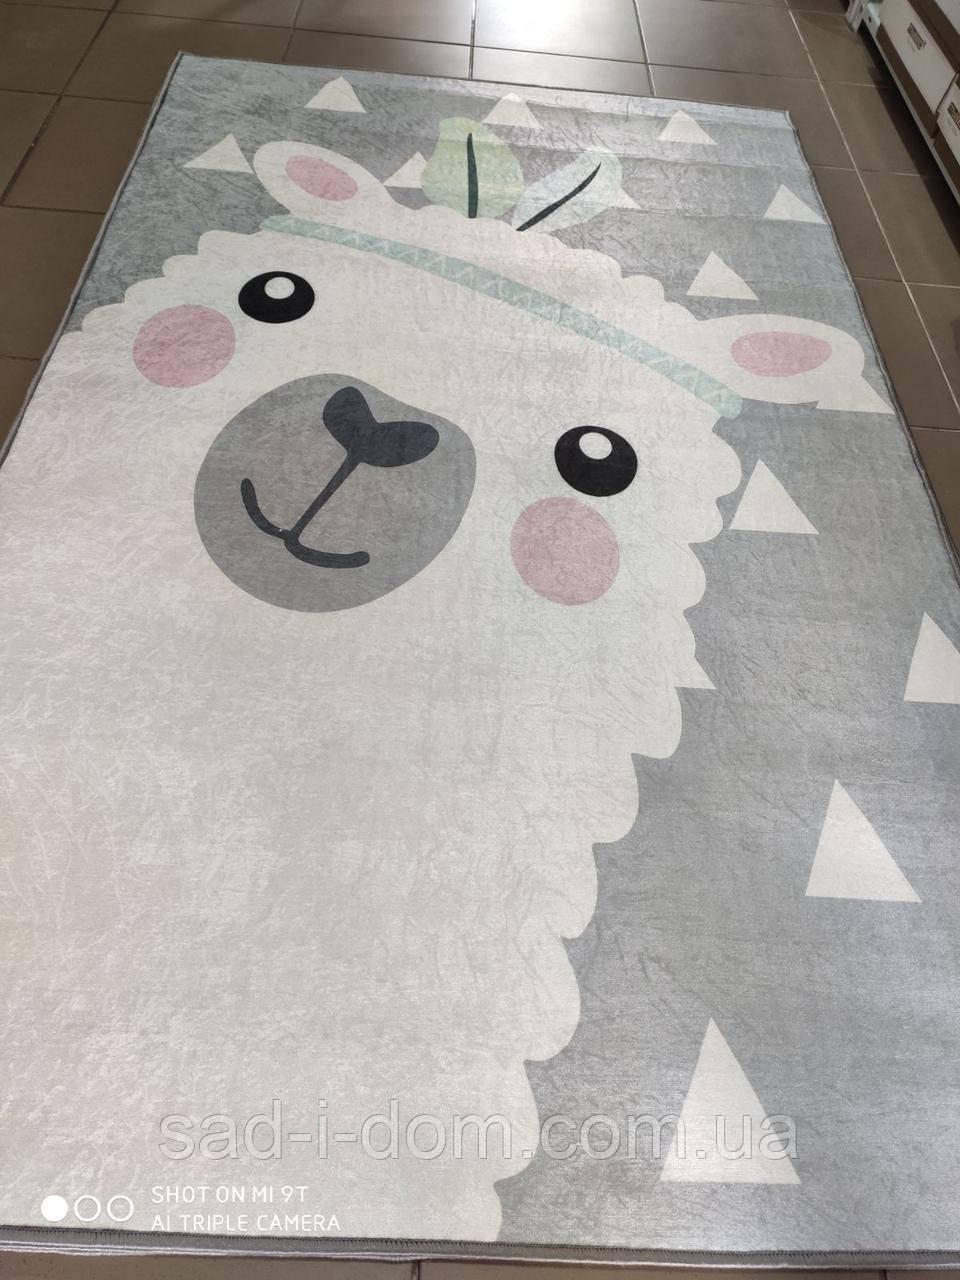 Коврик в детскую комнату, детский ковер 140*190 см, Sheep